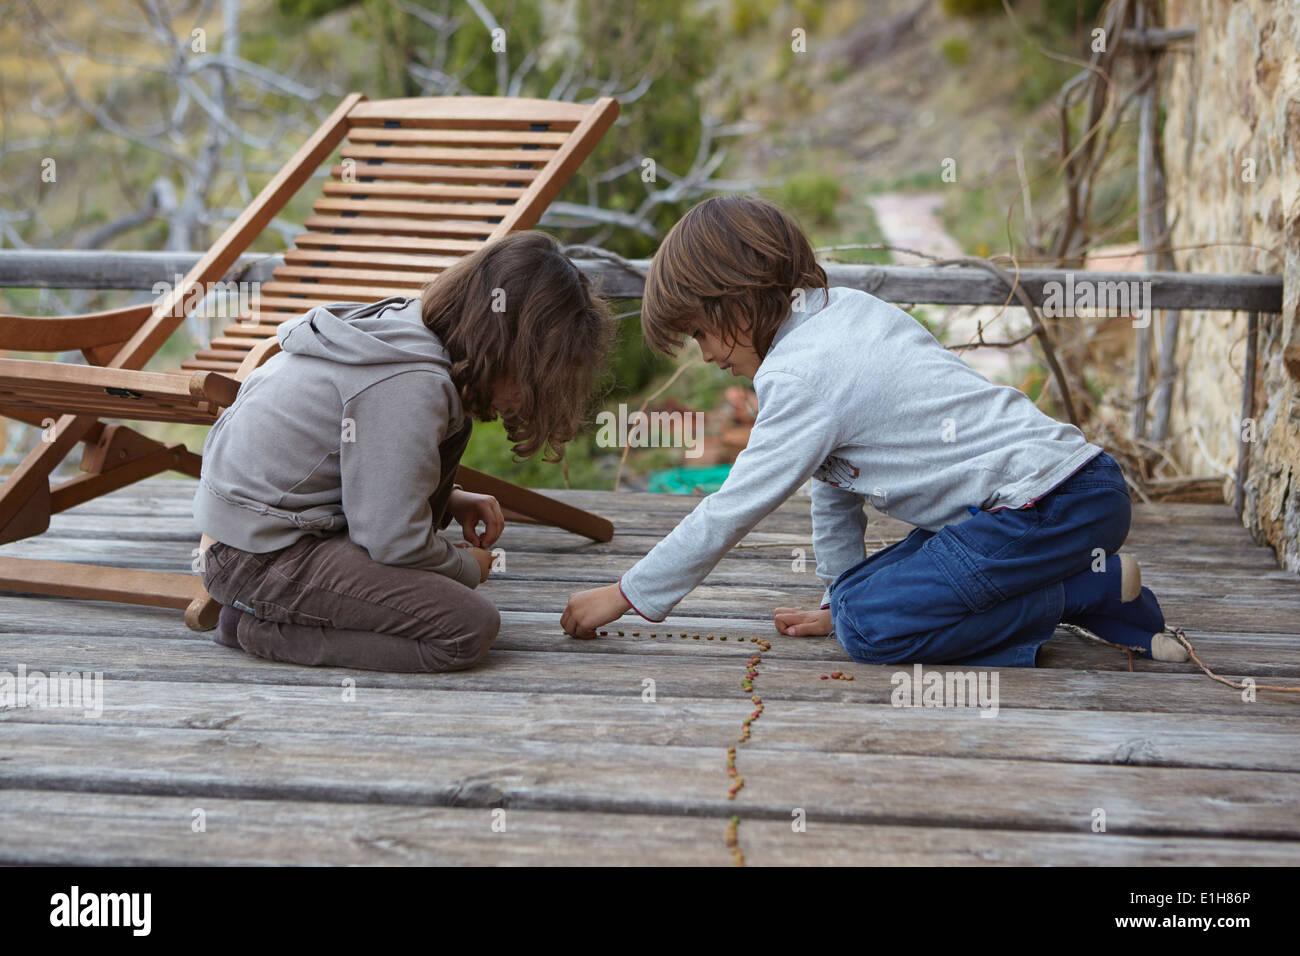 Hermano y hermana, haciendo una fila de frijoles secos en el balcón Imagen De Stock